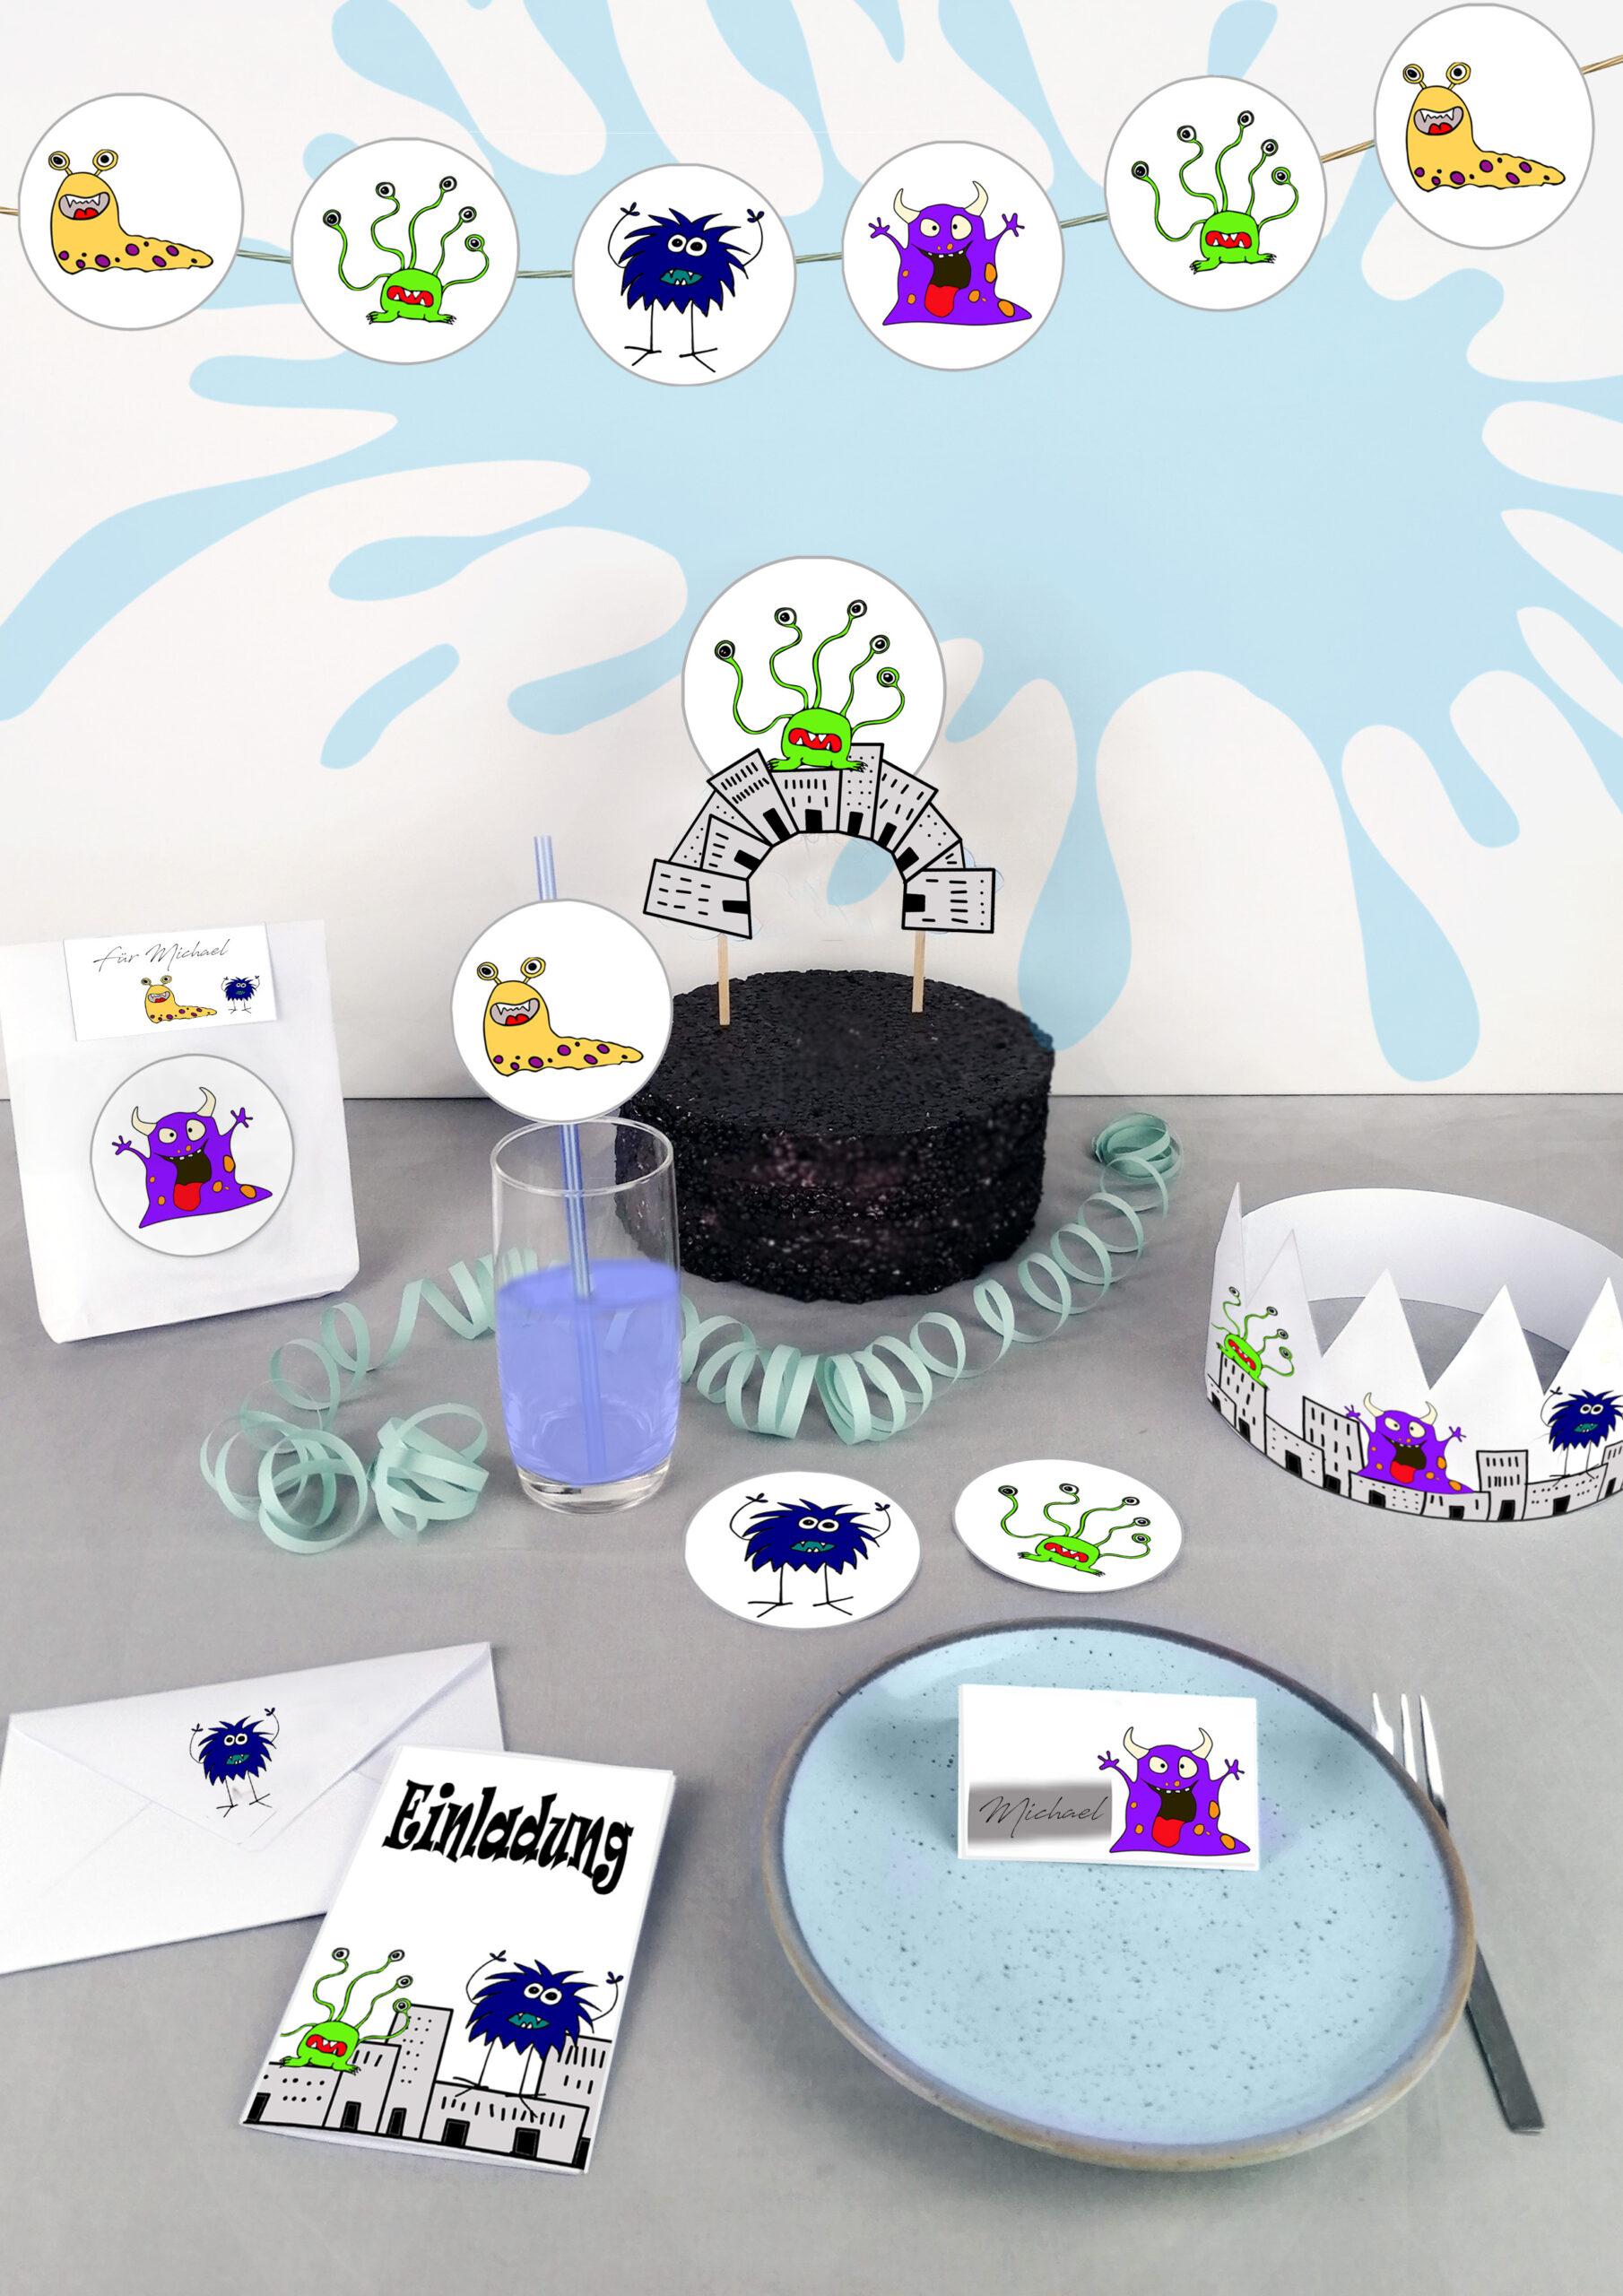 Druckvorlagen für die perfekte Monster Geburtstagpart